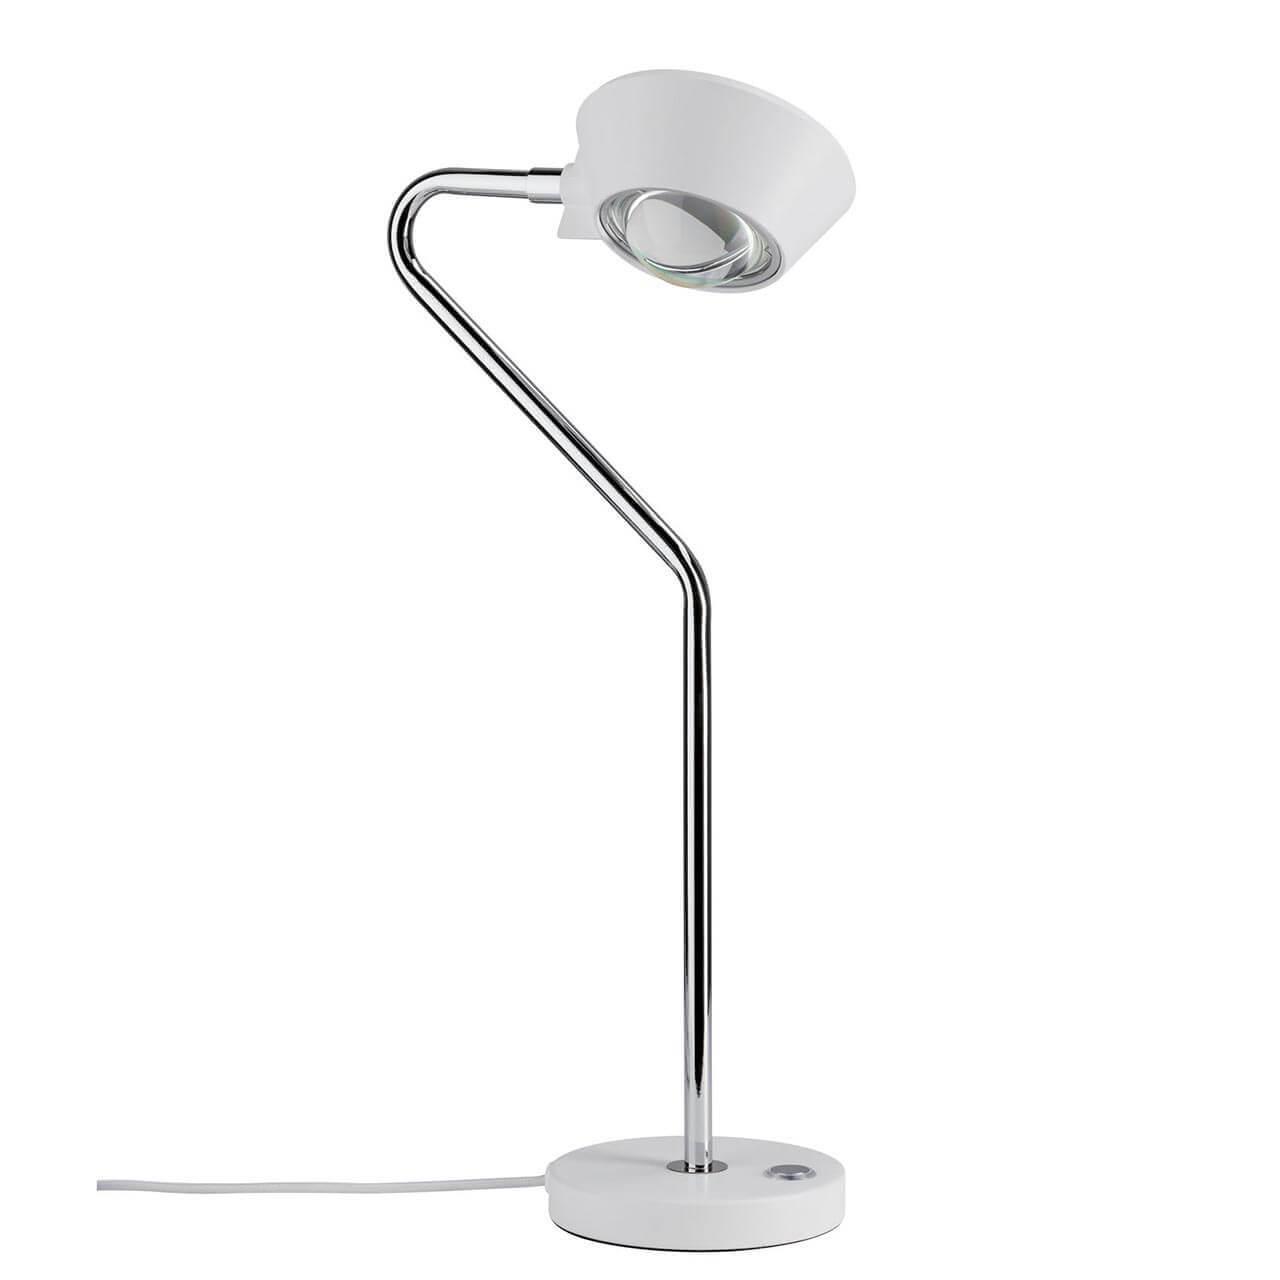 Настольная лампа Paulmann Ramos 70921 торшер paulmann ramos 70920